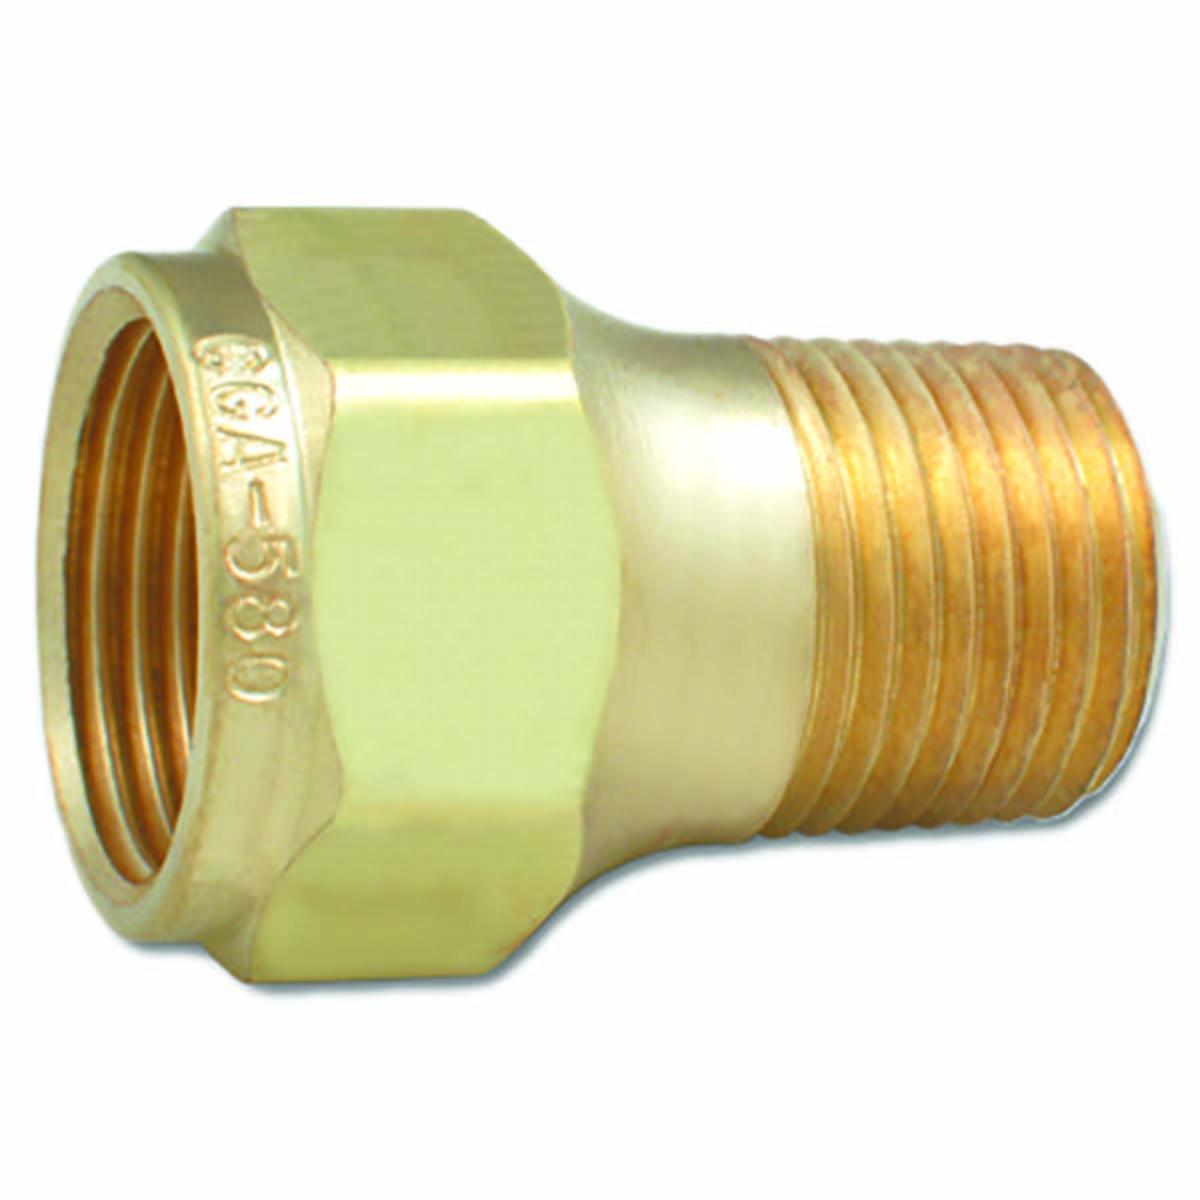 A.580,.965-14NGO RH-IN X 1/4NPTM (WE B-70)